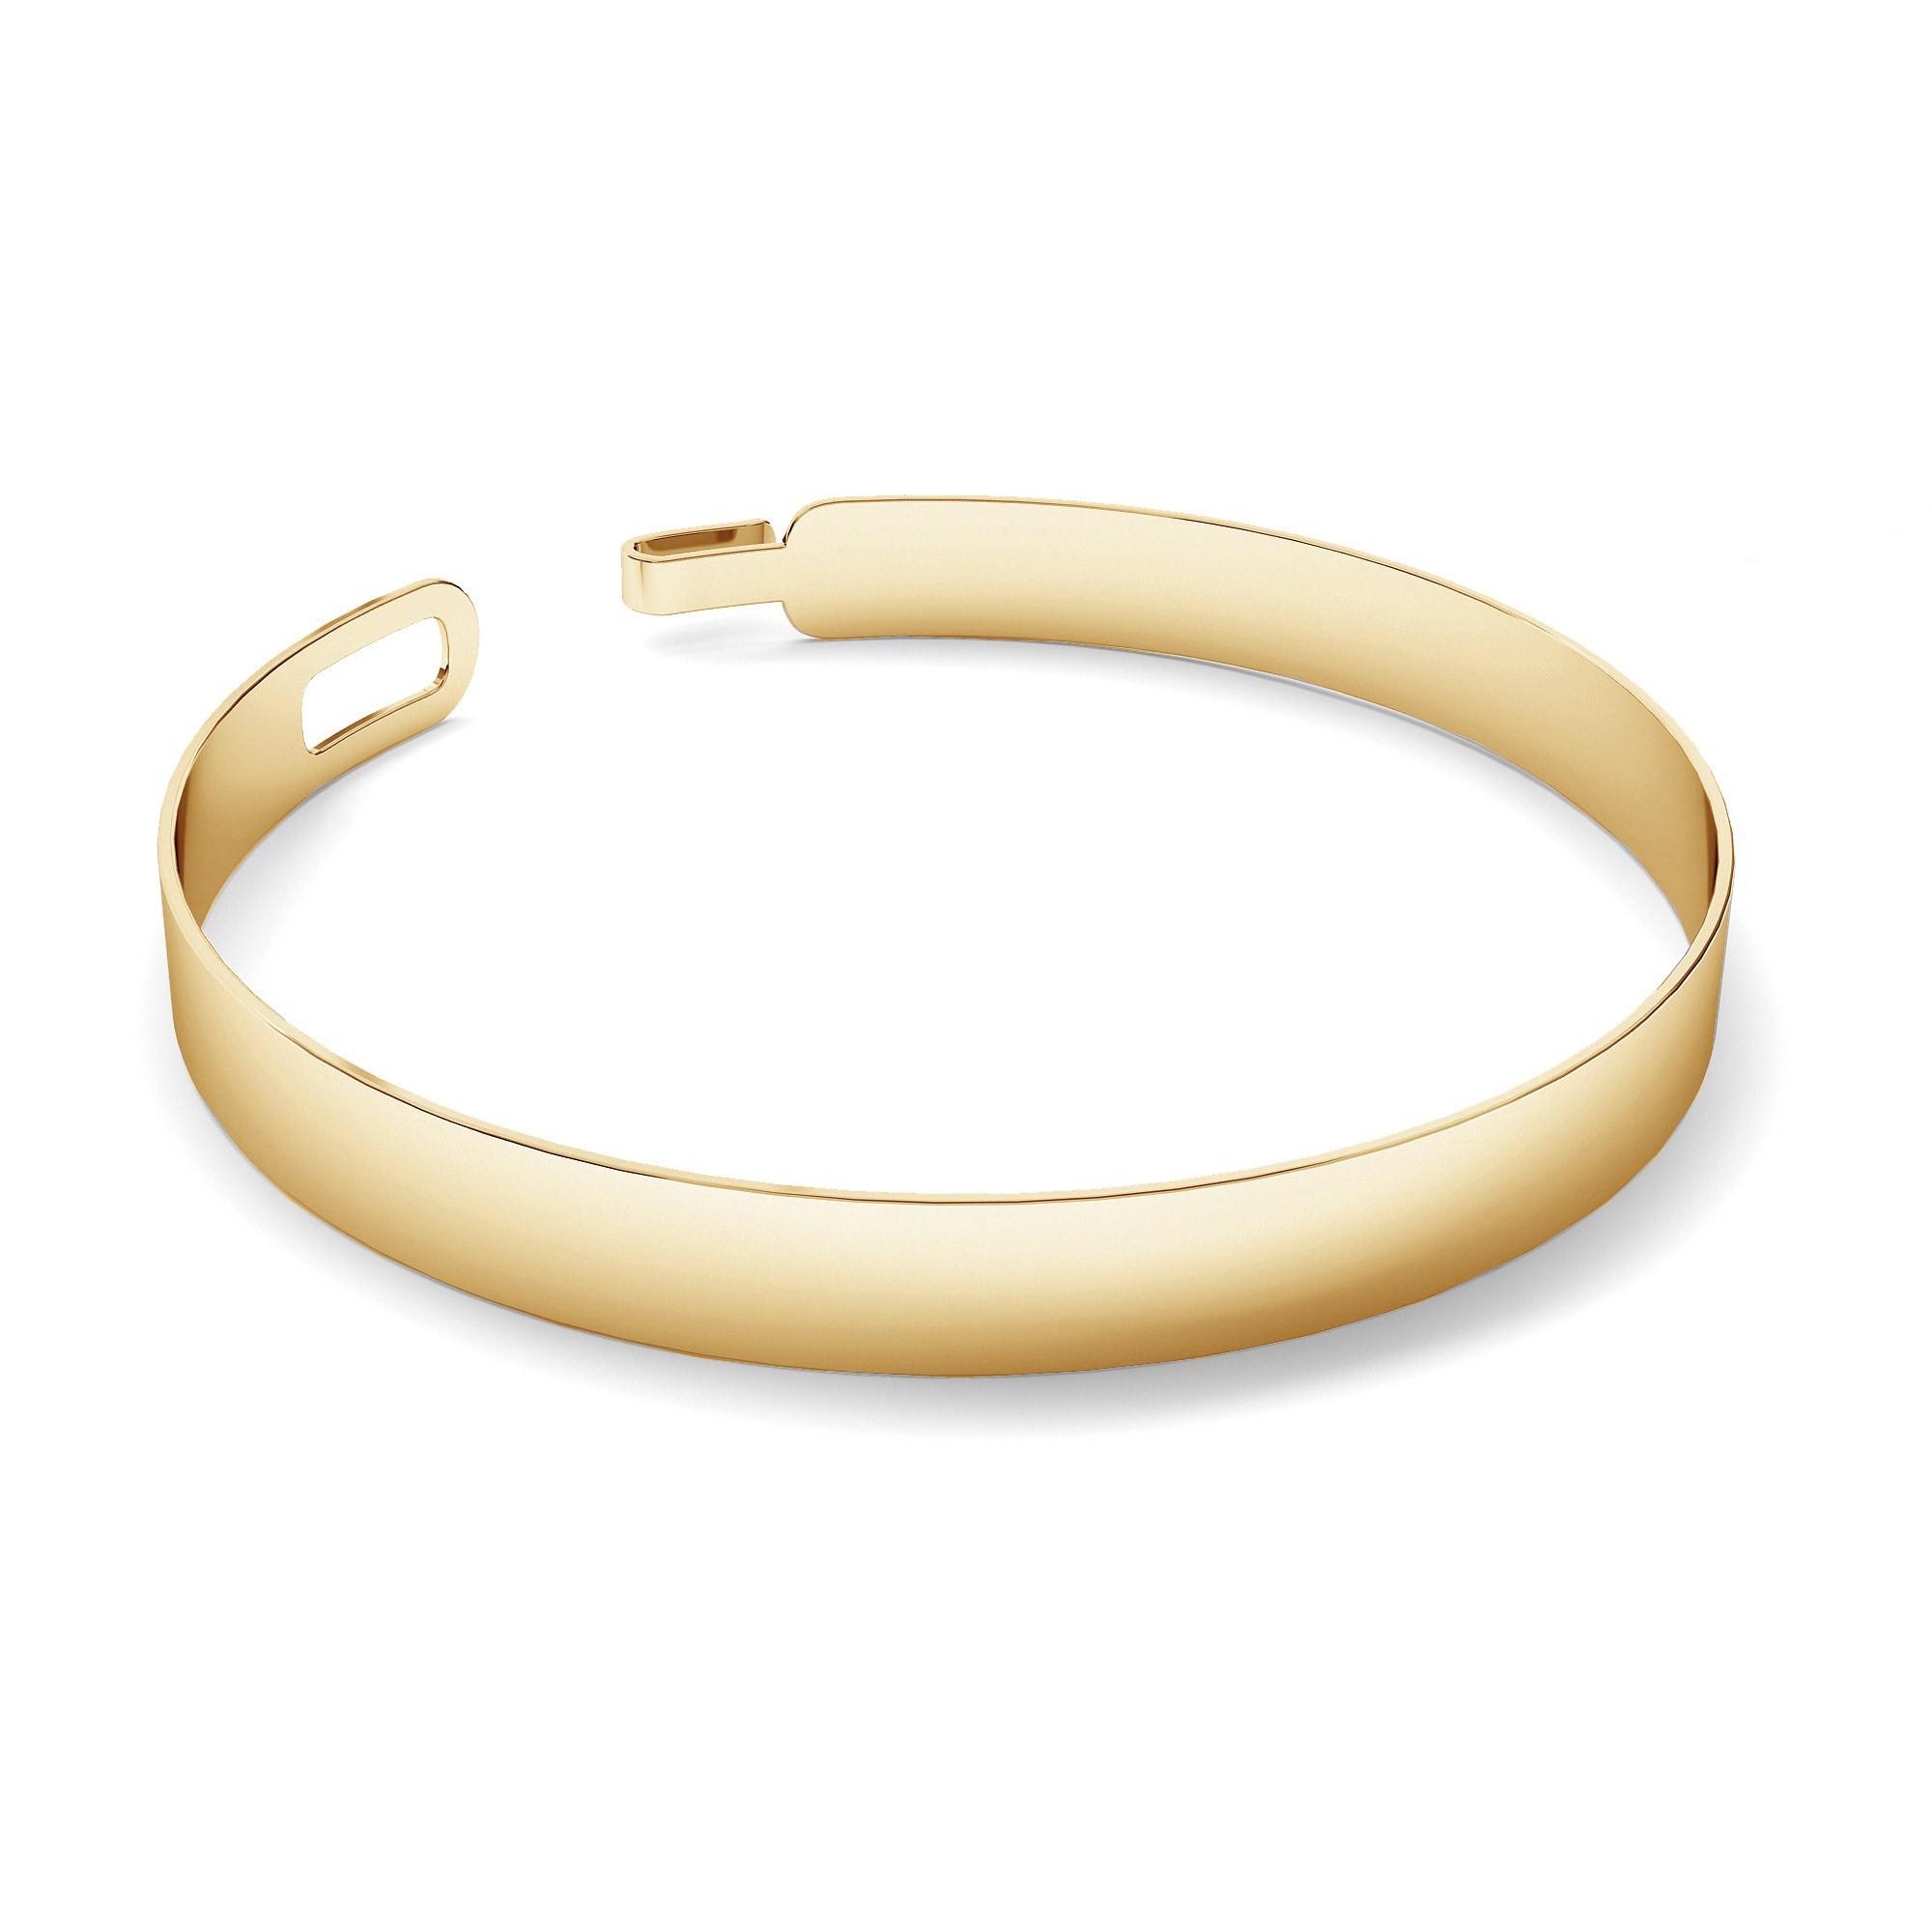 Unisex bangle polished bracelet sterling silver 925